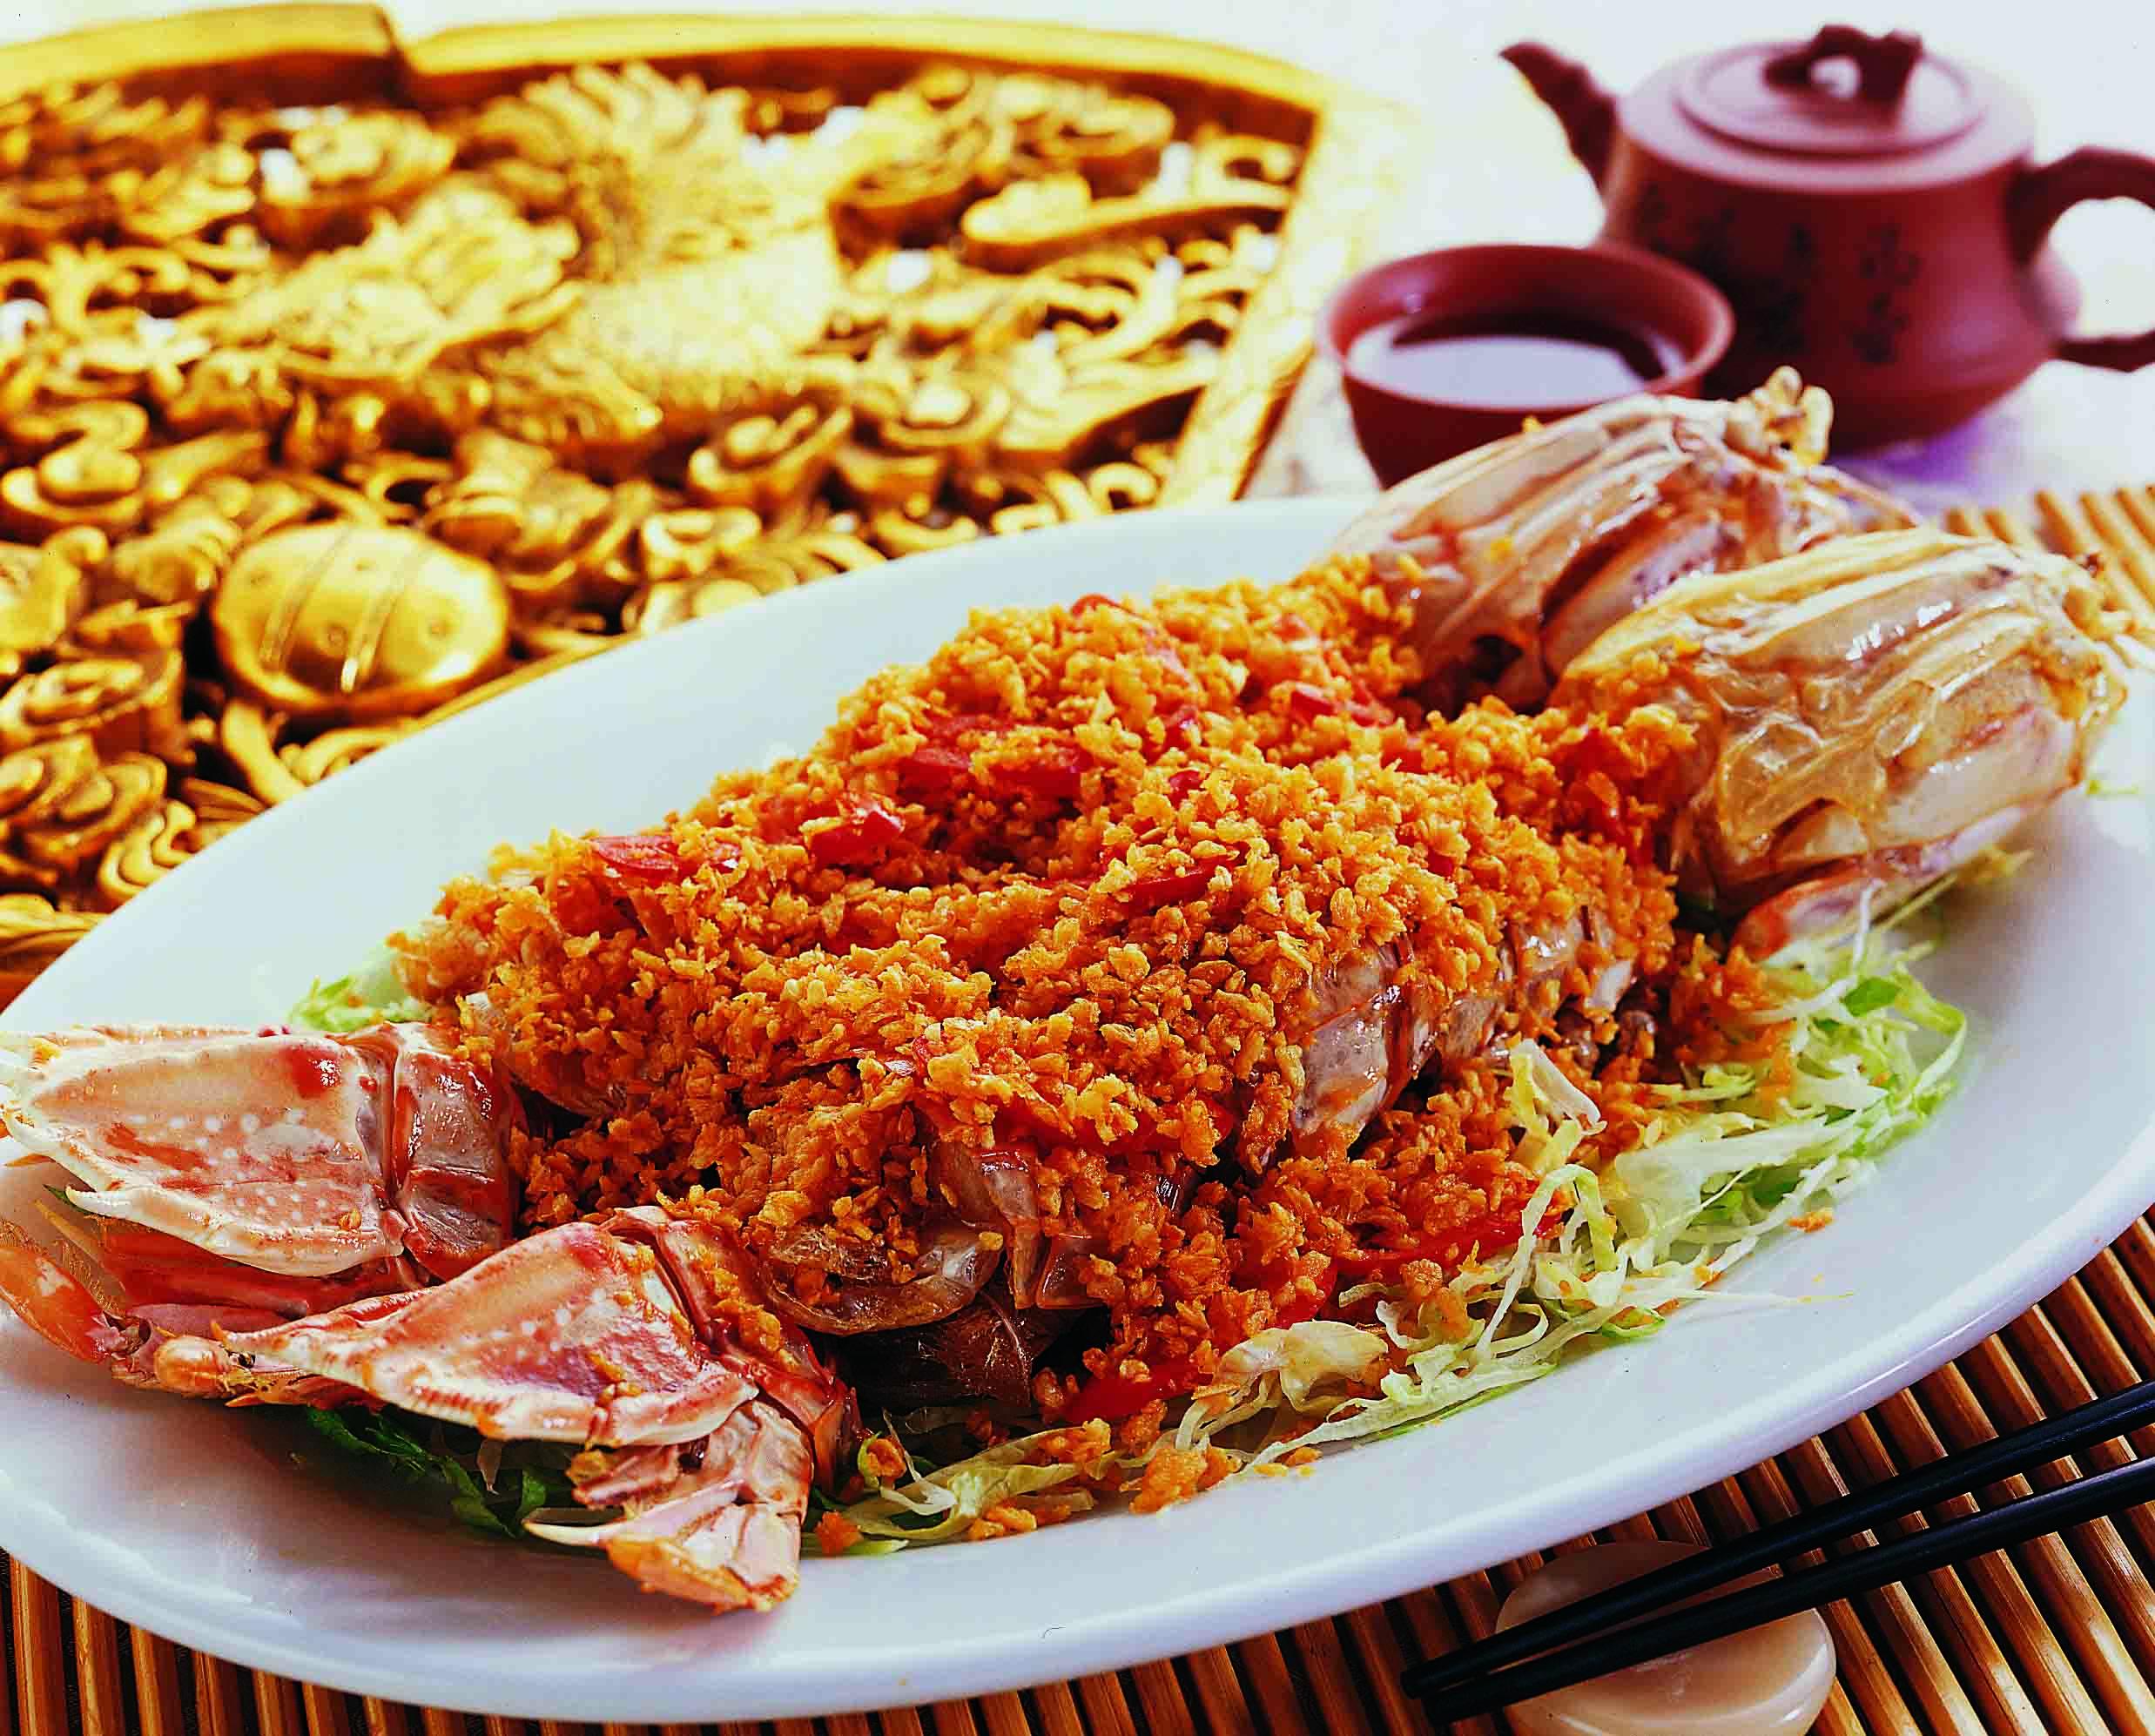 竹園海鮮飯店のエビ料理